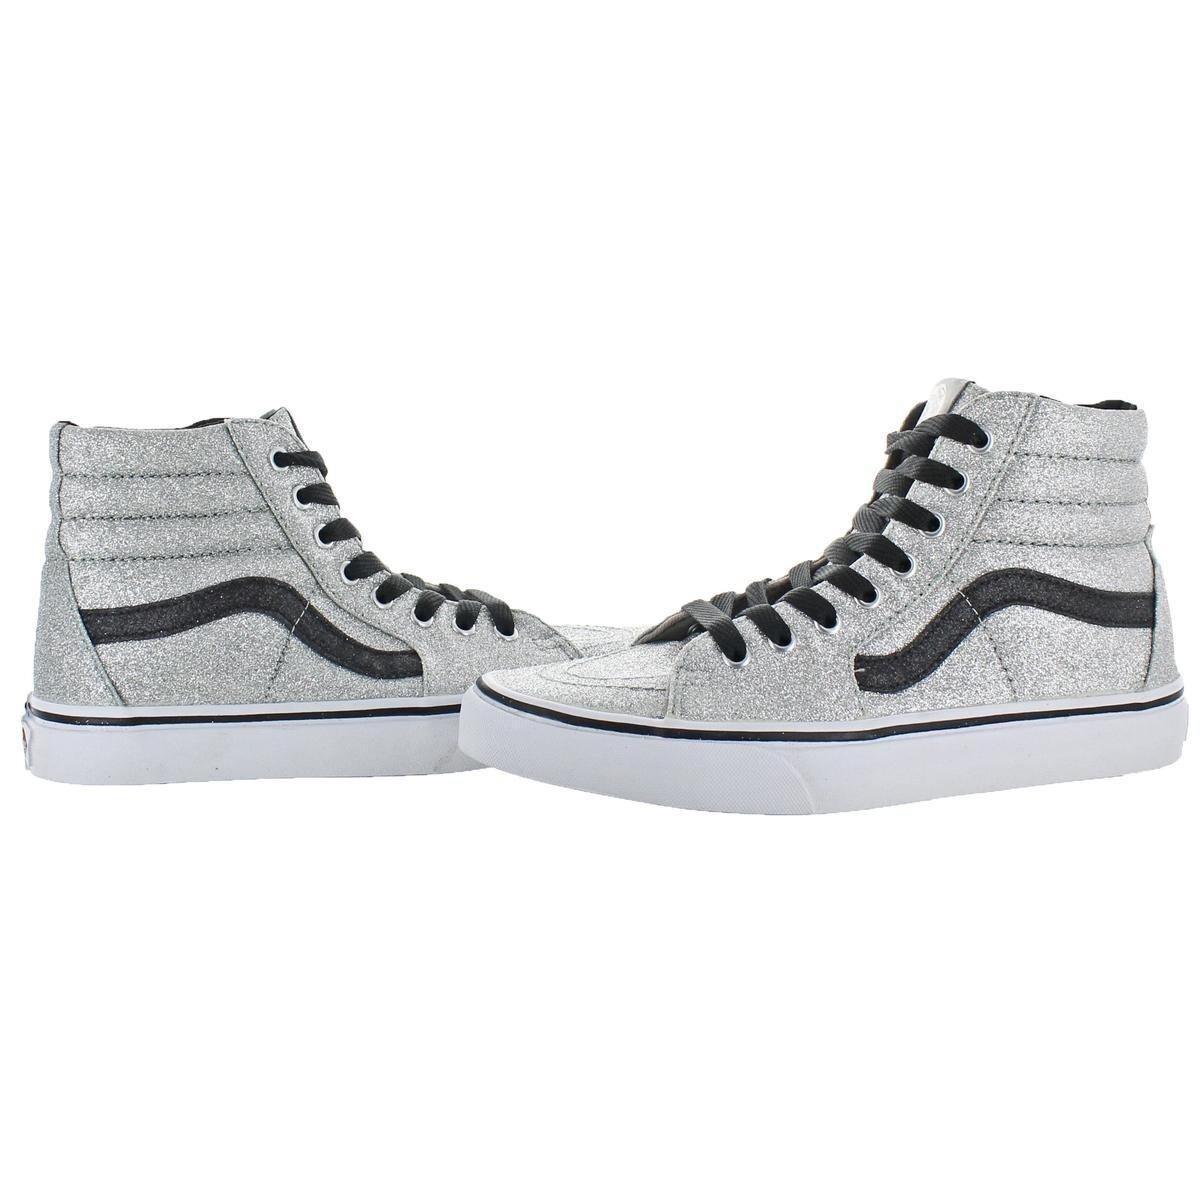 32e3a08b79 Vans Womens Sk8-Hi(Glitter) Skate Shoes Fashion High Top - 9 medium (b